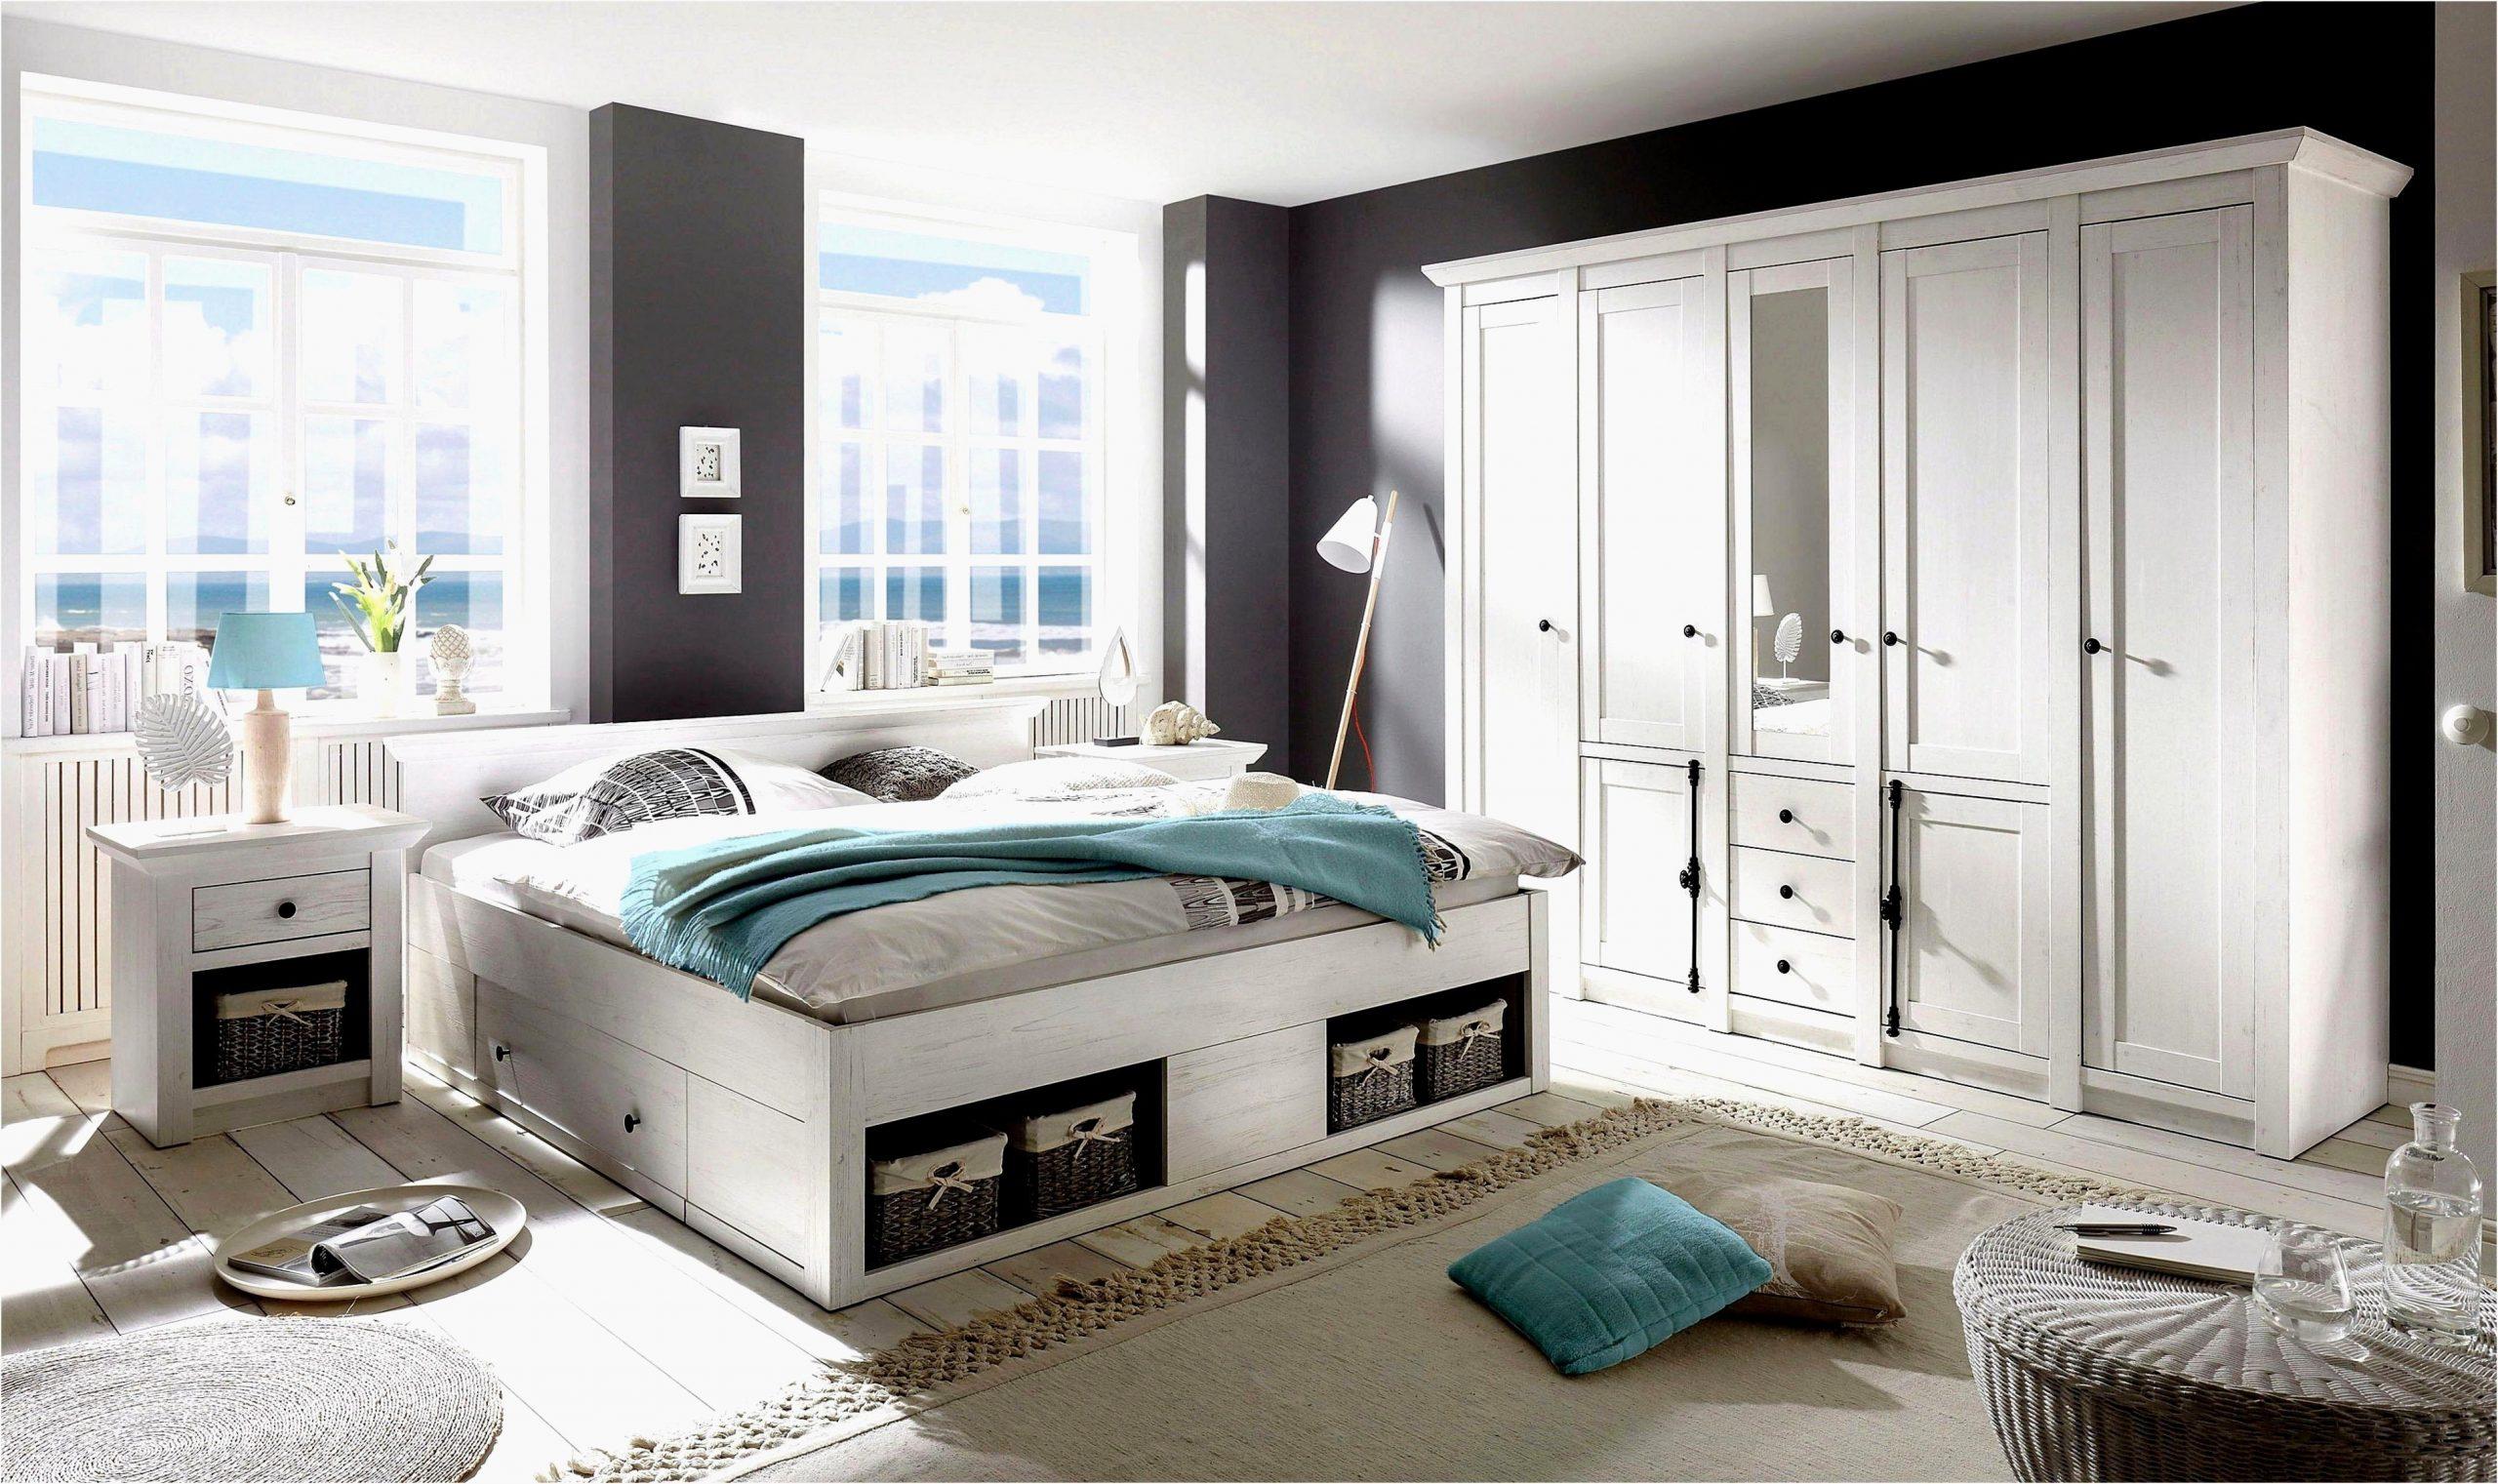 Full Size of Bett Modern Design Italienisches Puristisch Beistelltisch Fur Patterson Medical Fa C2 Bcr Bettstuhl Im Moderne Deckenleuchte Wohnzimmer Sofa Mit Bettfunktion Bett Bett Modern Design